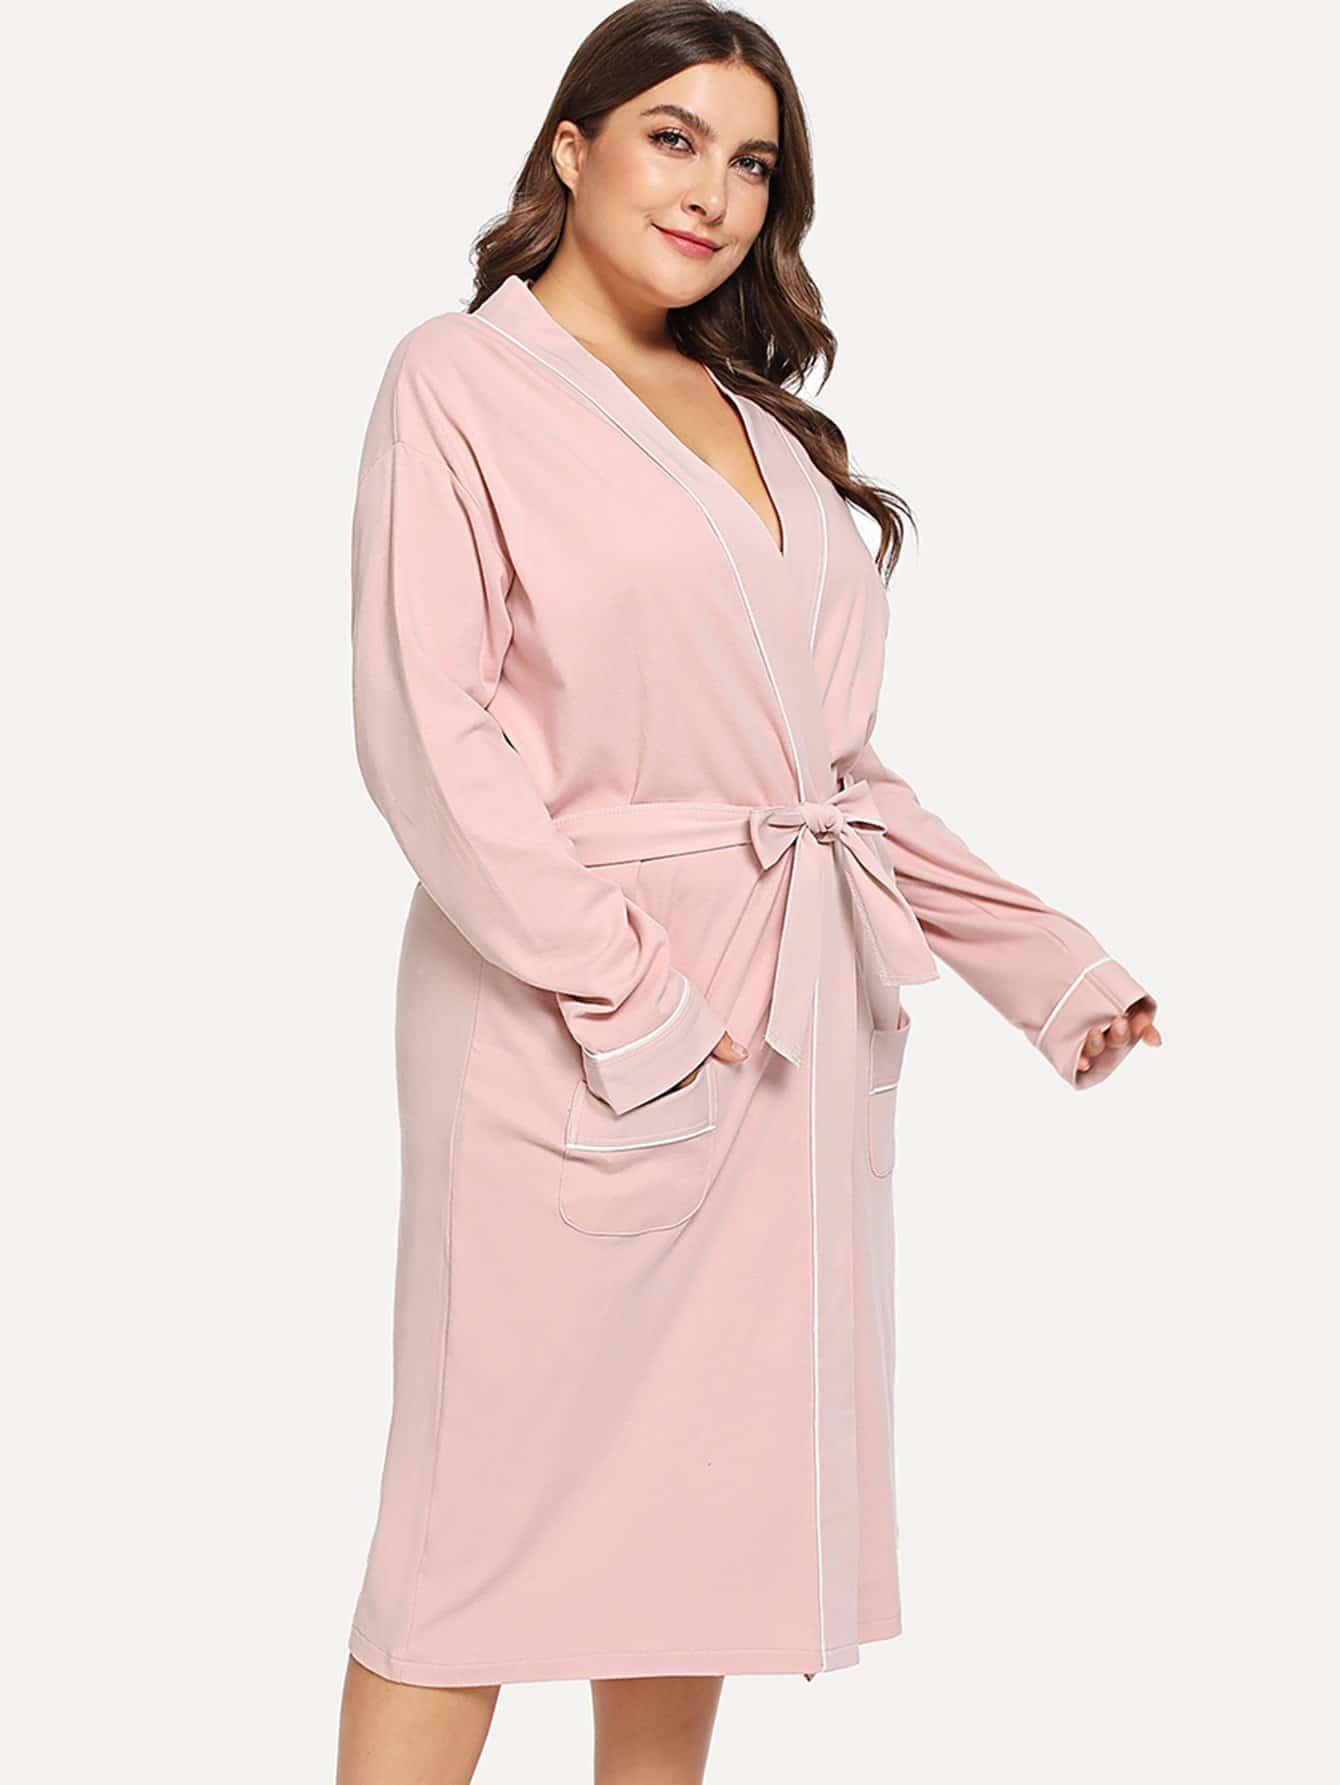 Купить Контрастный халат с поясом, Franziska, SheIn